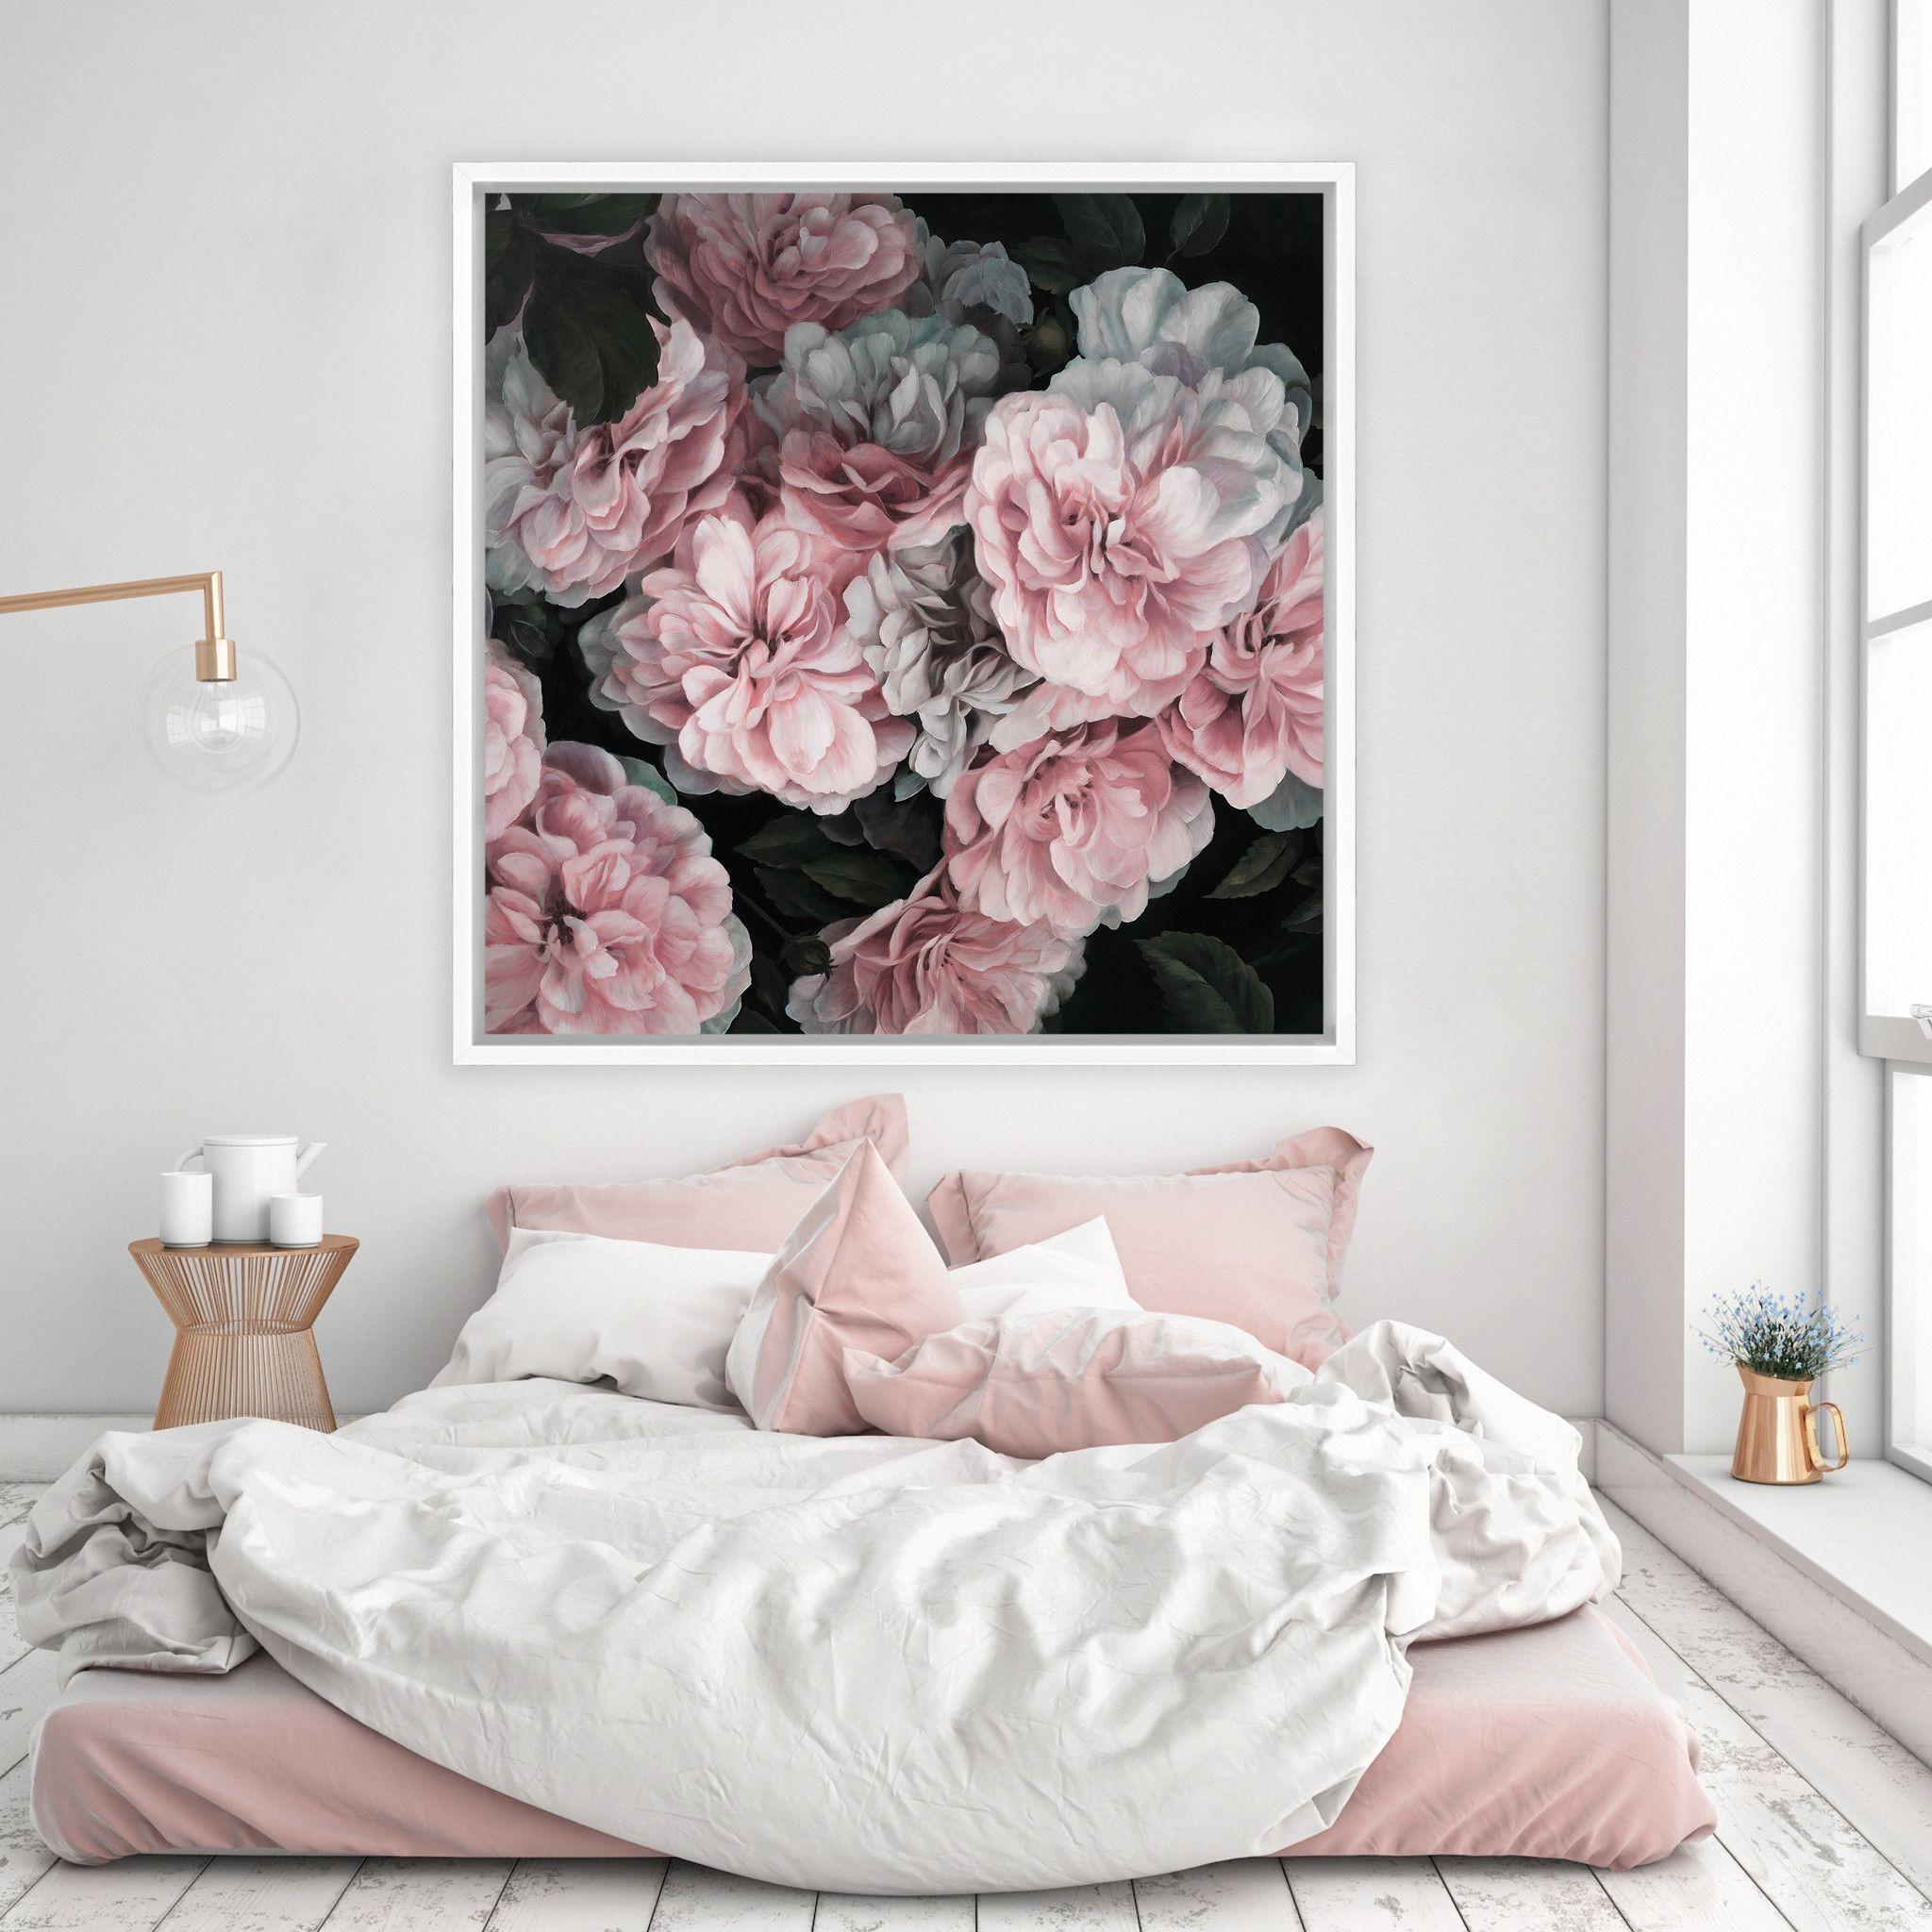 Pas besoin d'art coûteux - choisissez une belle photo et accrochez-la à votre mur.